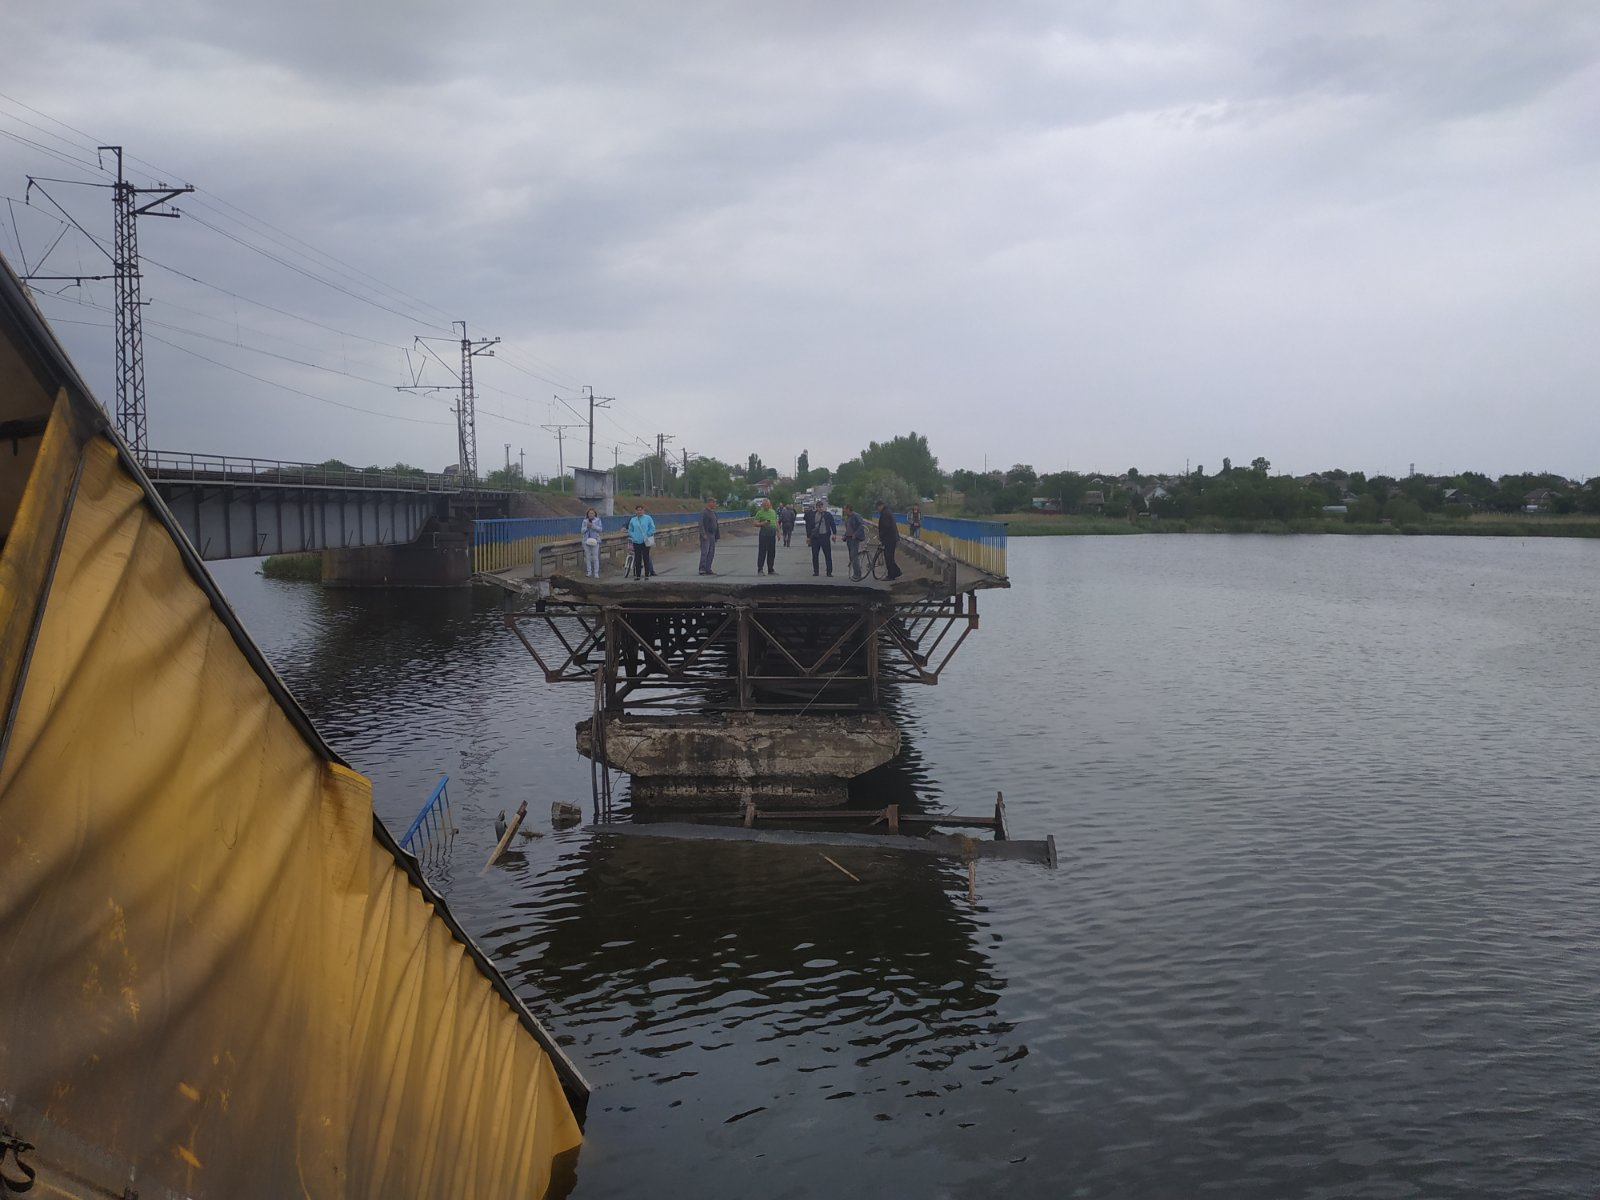 Під Нікополем обвалився 120-метровий міст: всі подробиці і фото з місця НП